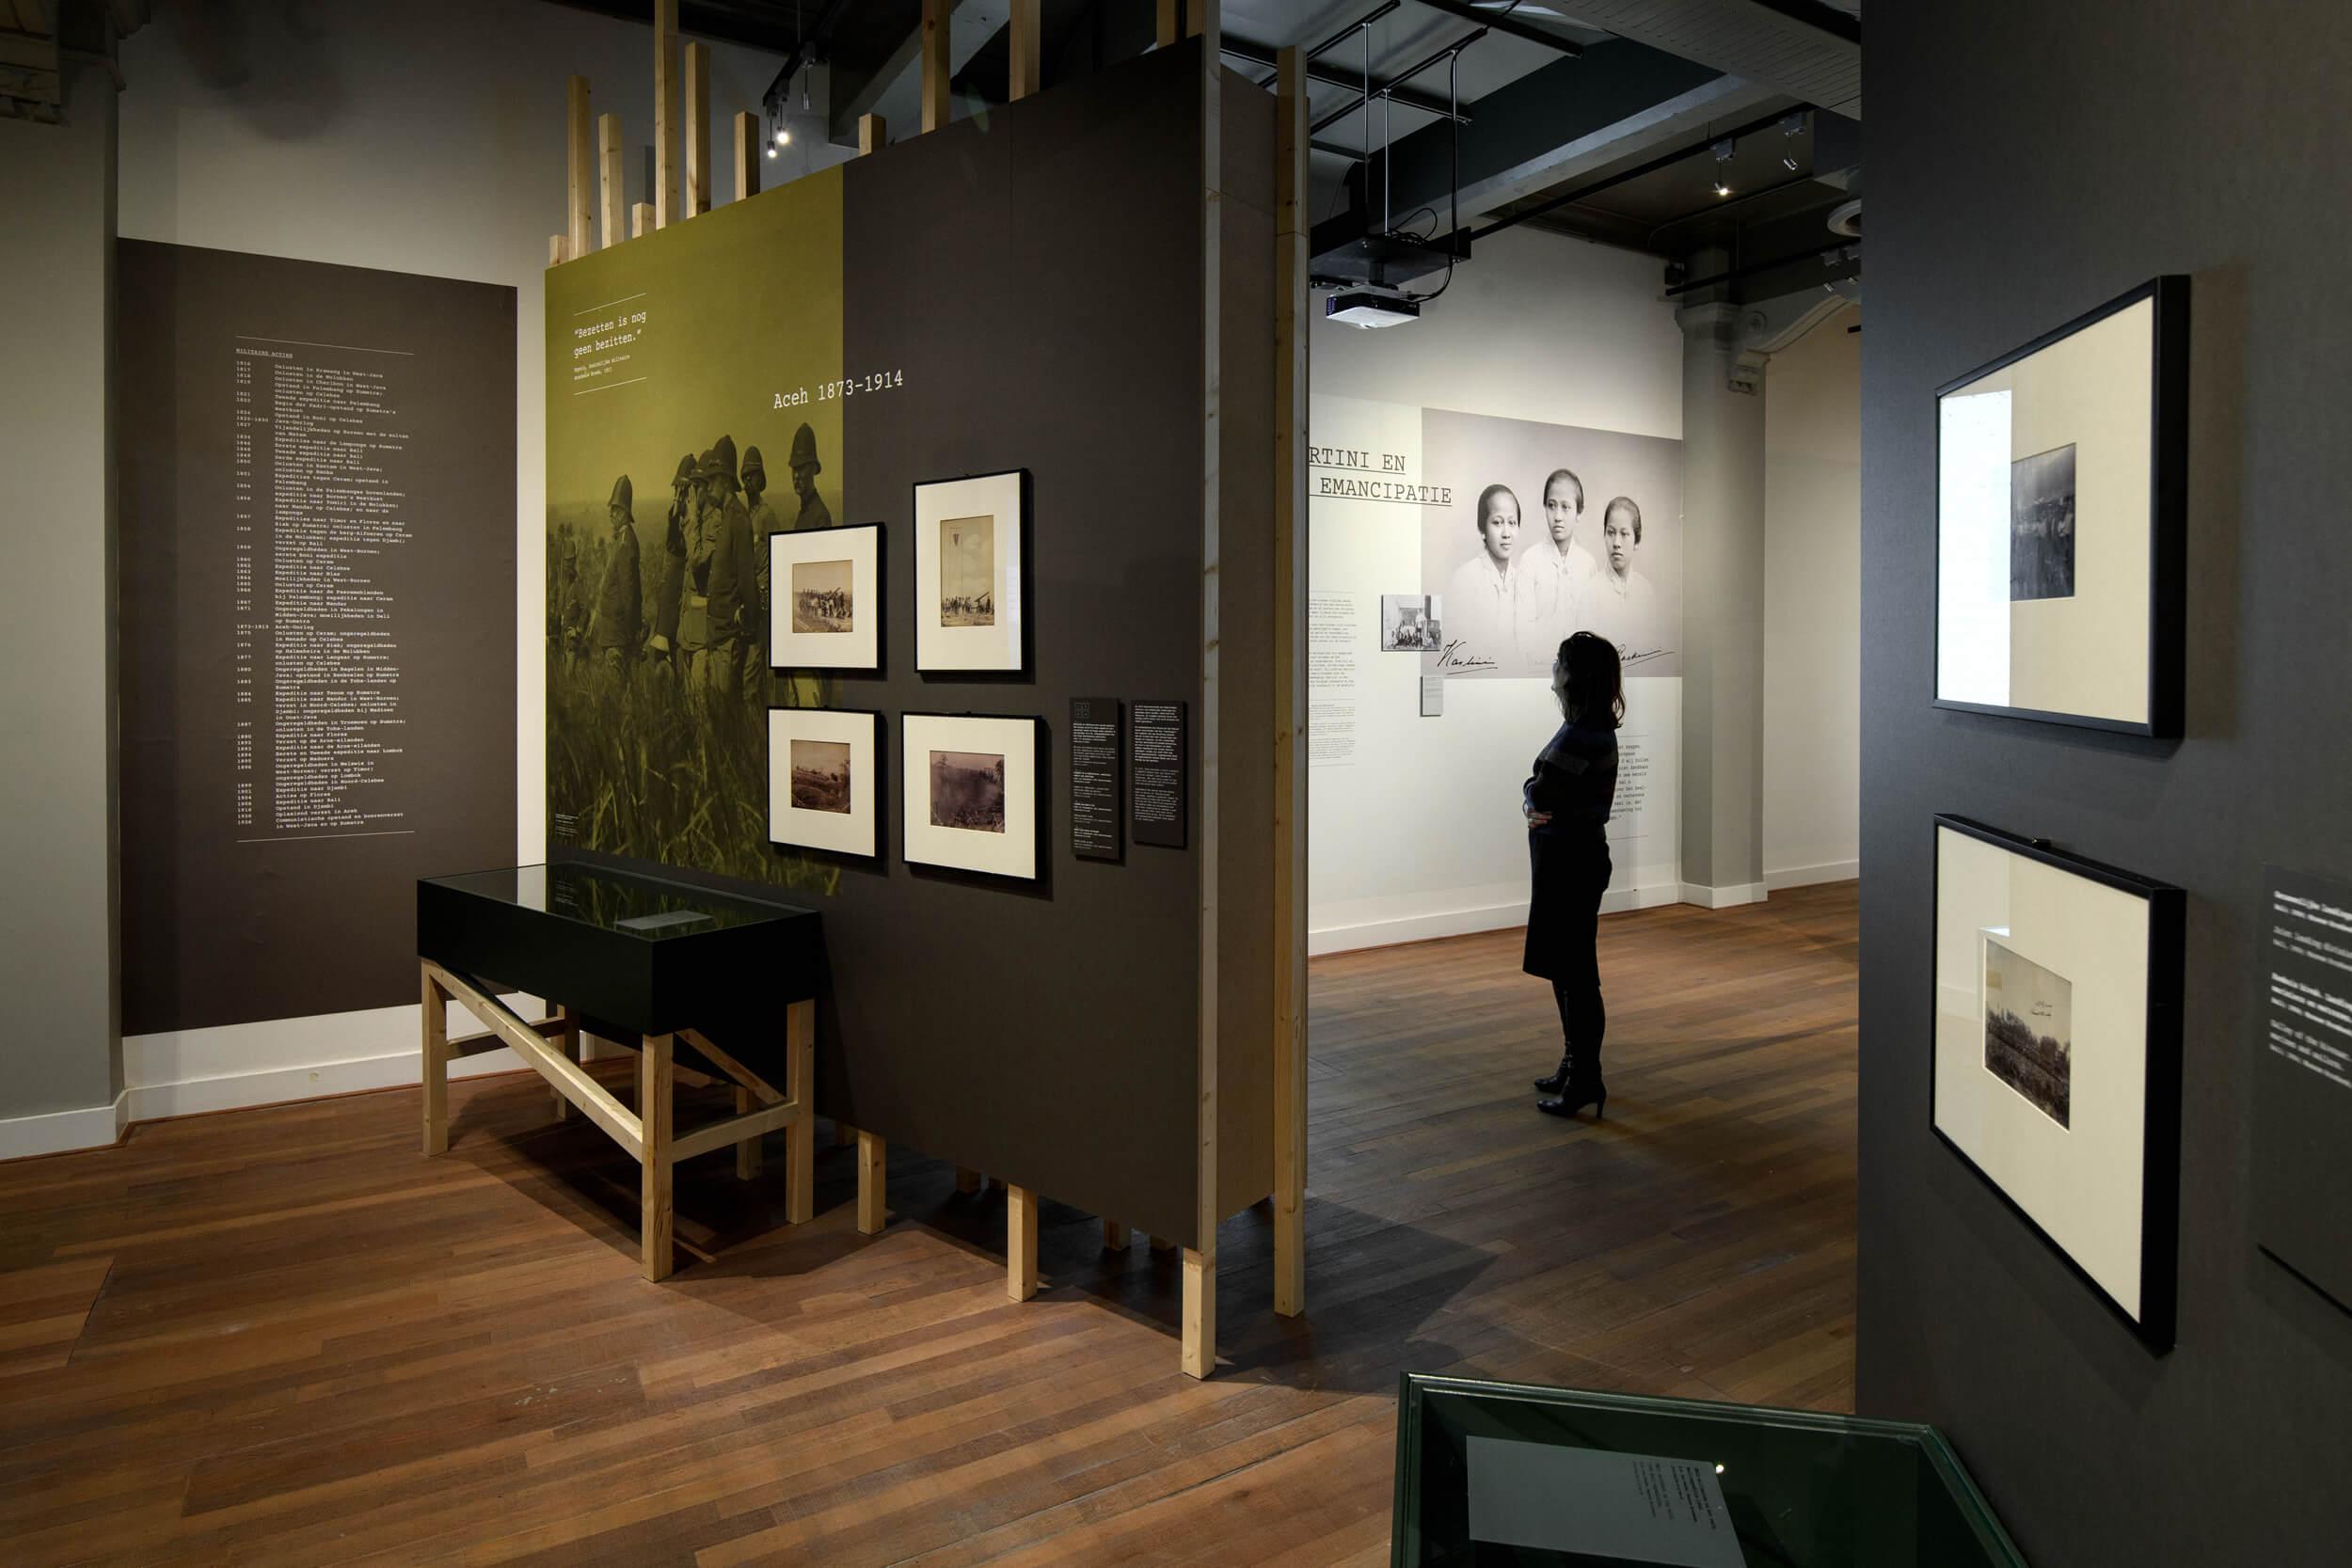 tentoonstellingsontwerp dossier indie wereldmuseum 10 jpg